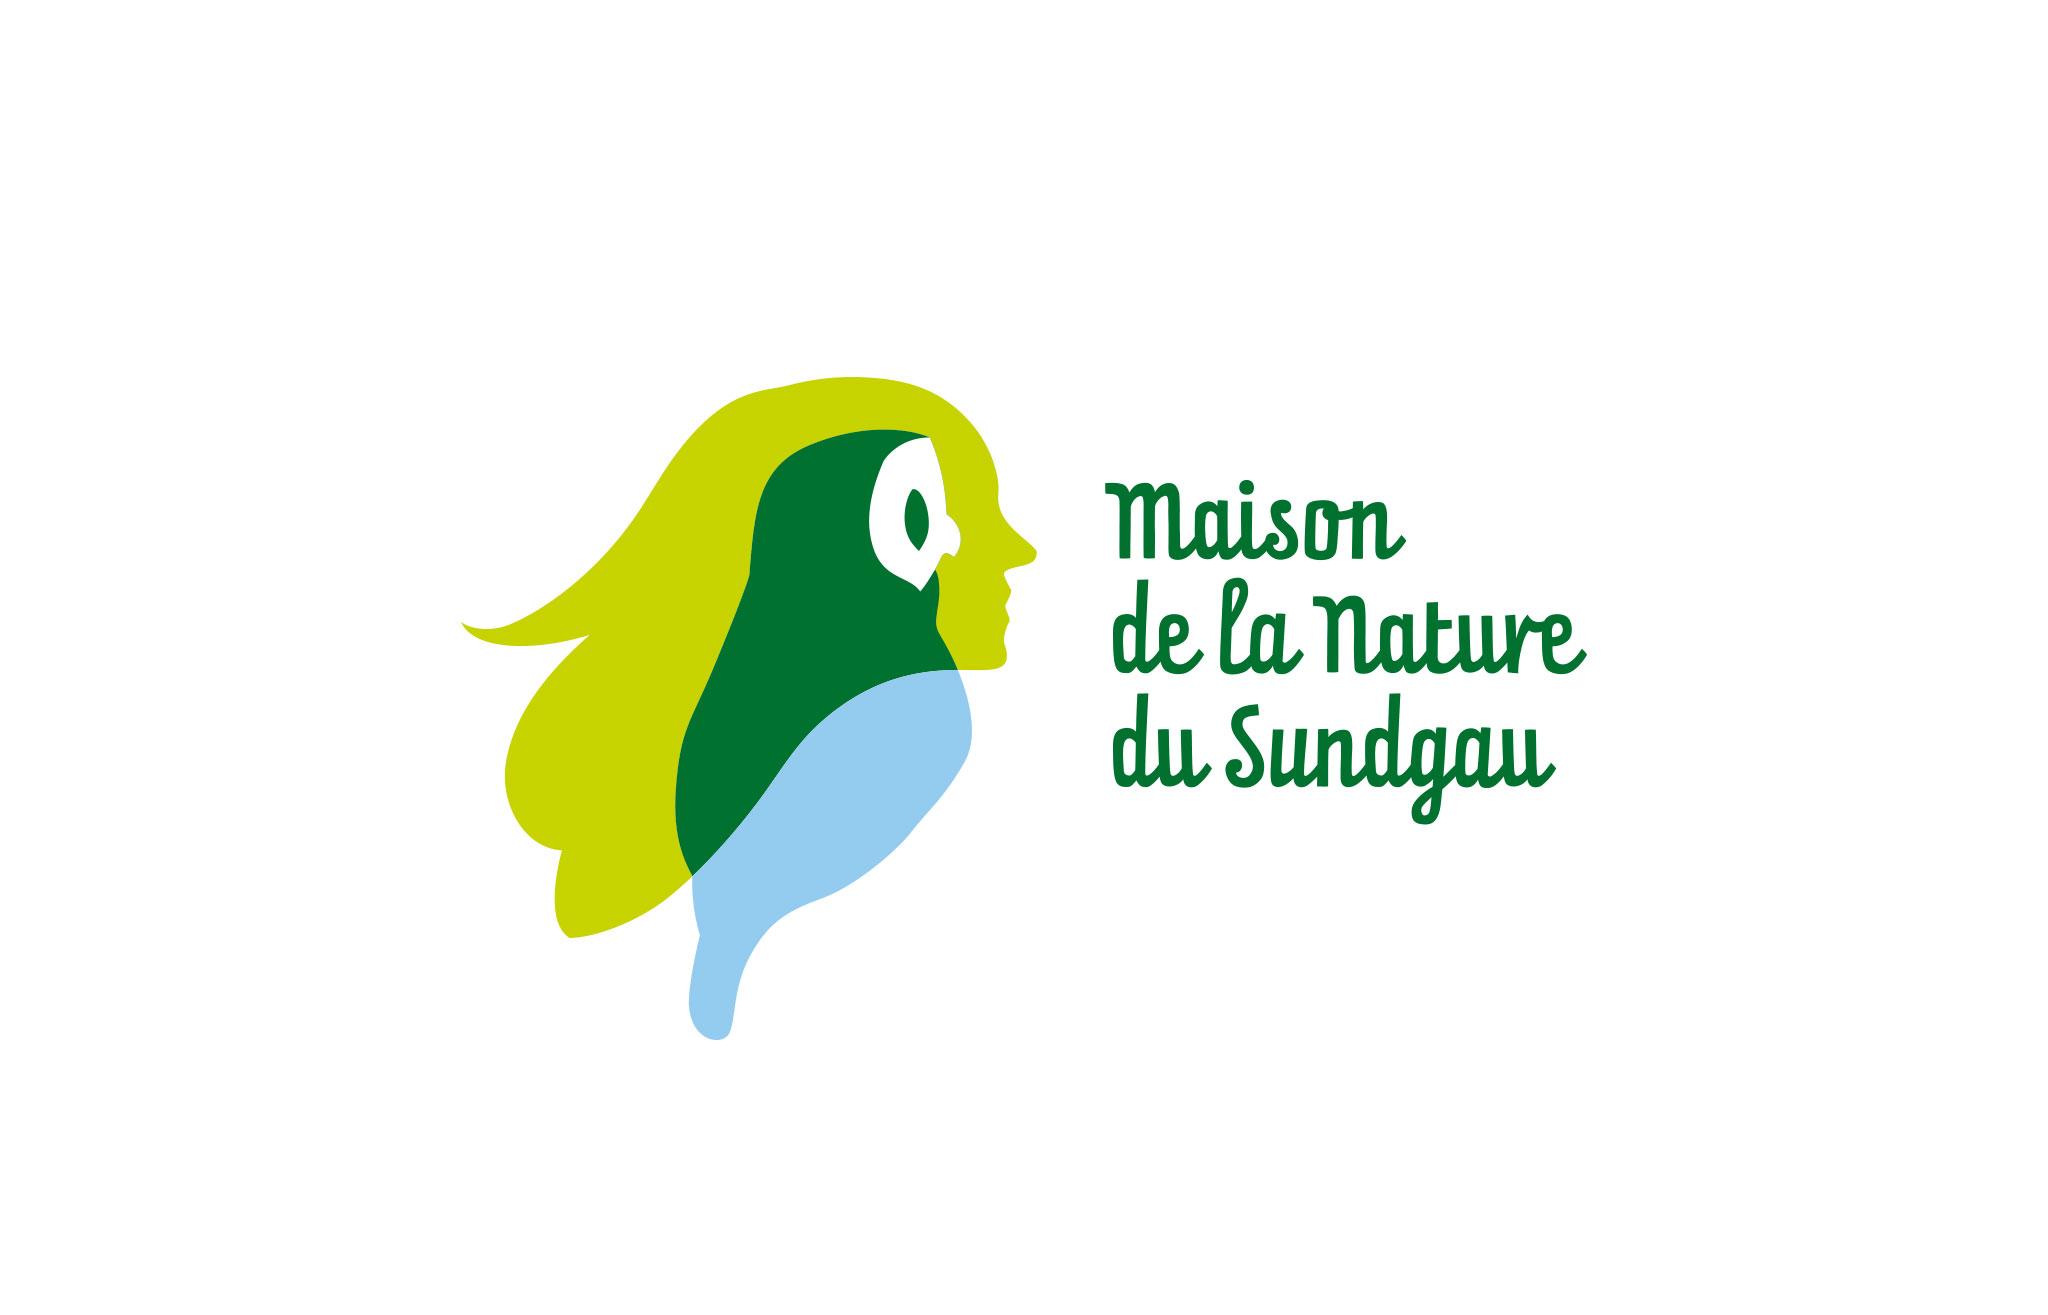 Logo Maison de la nature du Sundgau